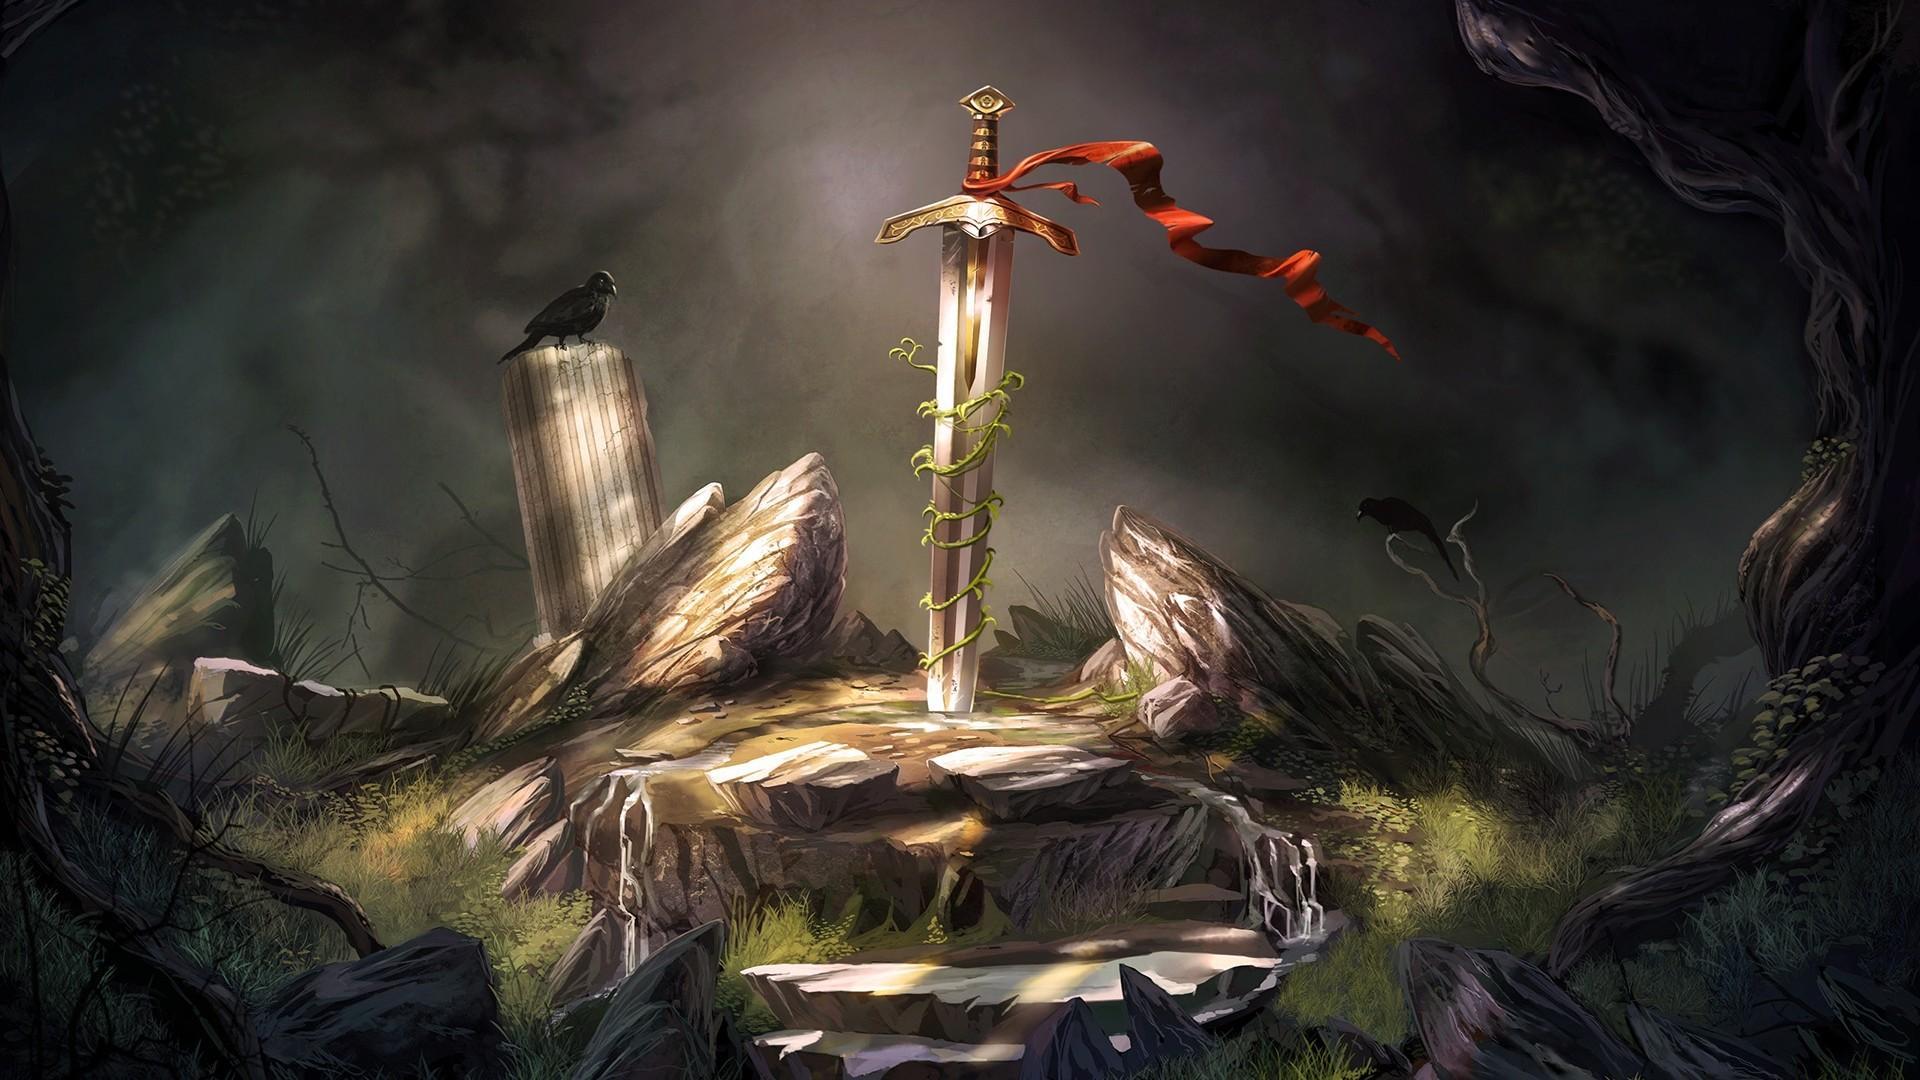 Excalibur Sword Wallpaper Sword In The Stone Art 1778258 Hd